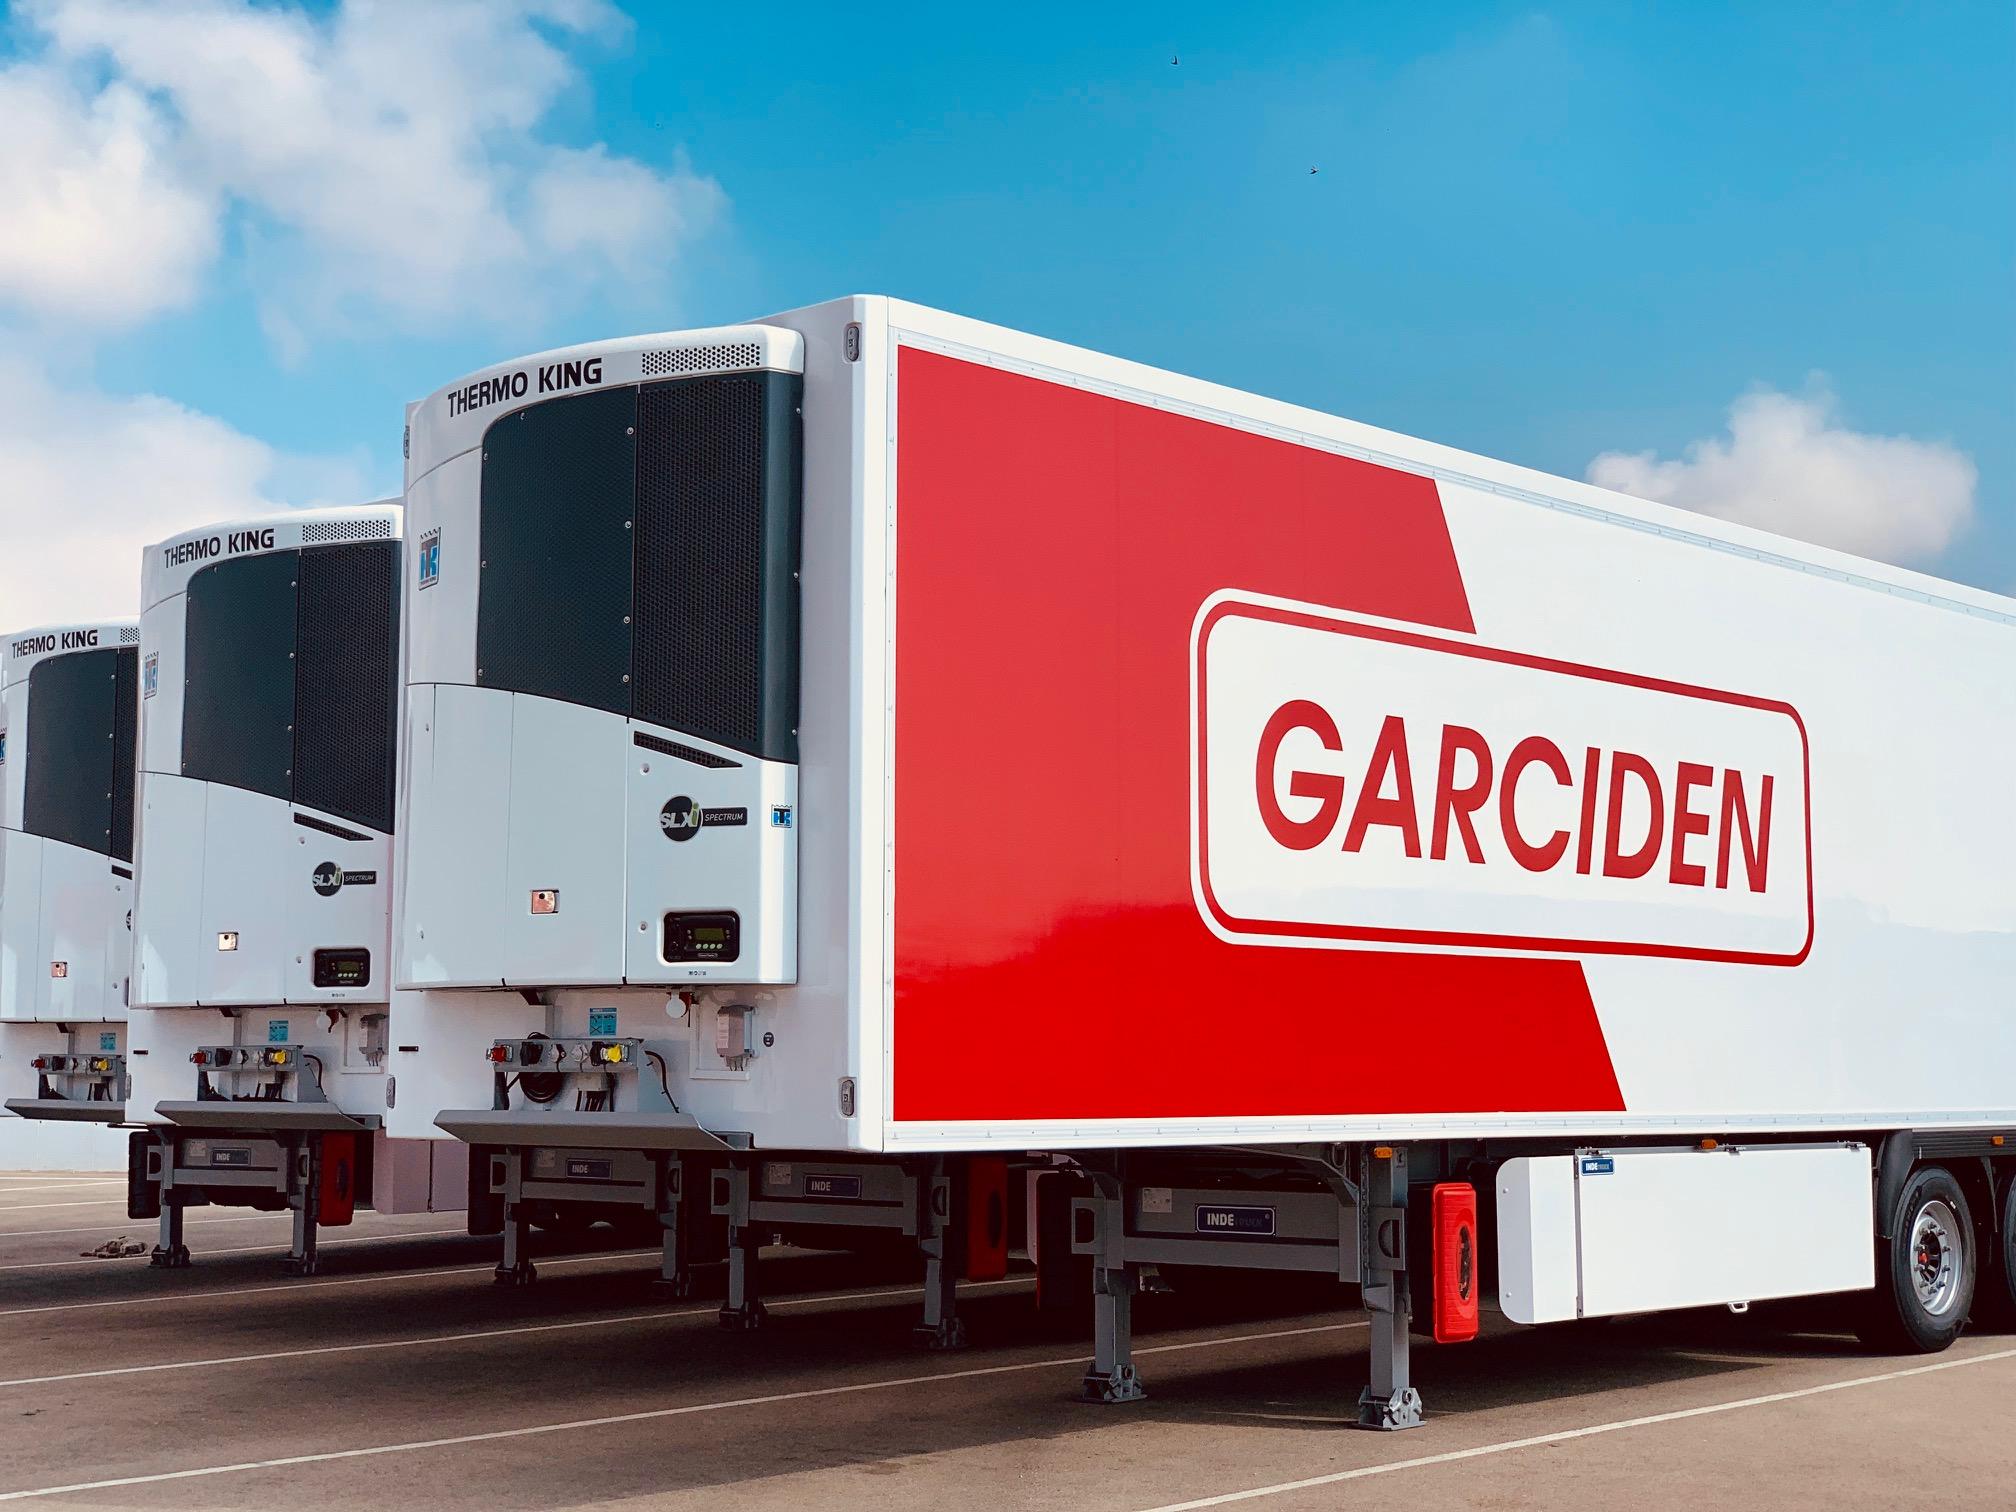 Flota Garciden - Distribuidores Atún - Frigoríficos